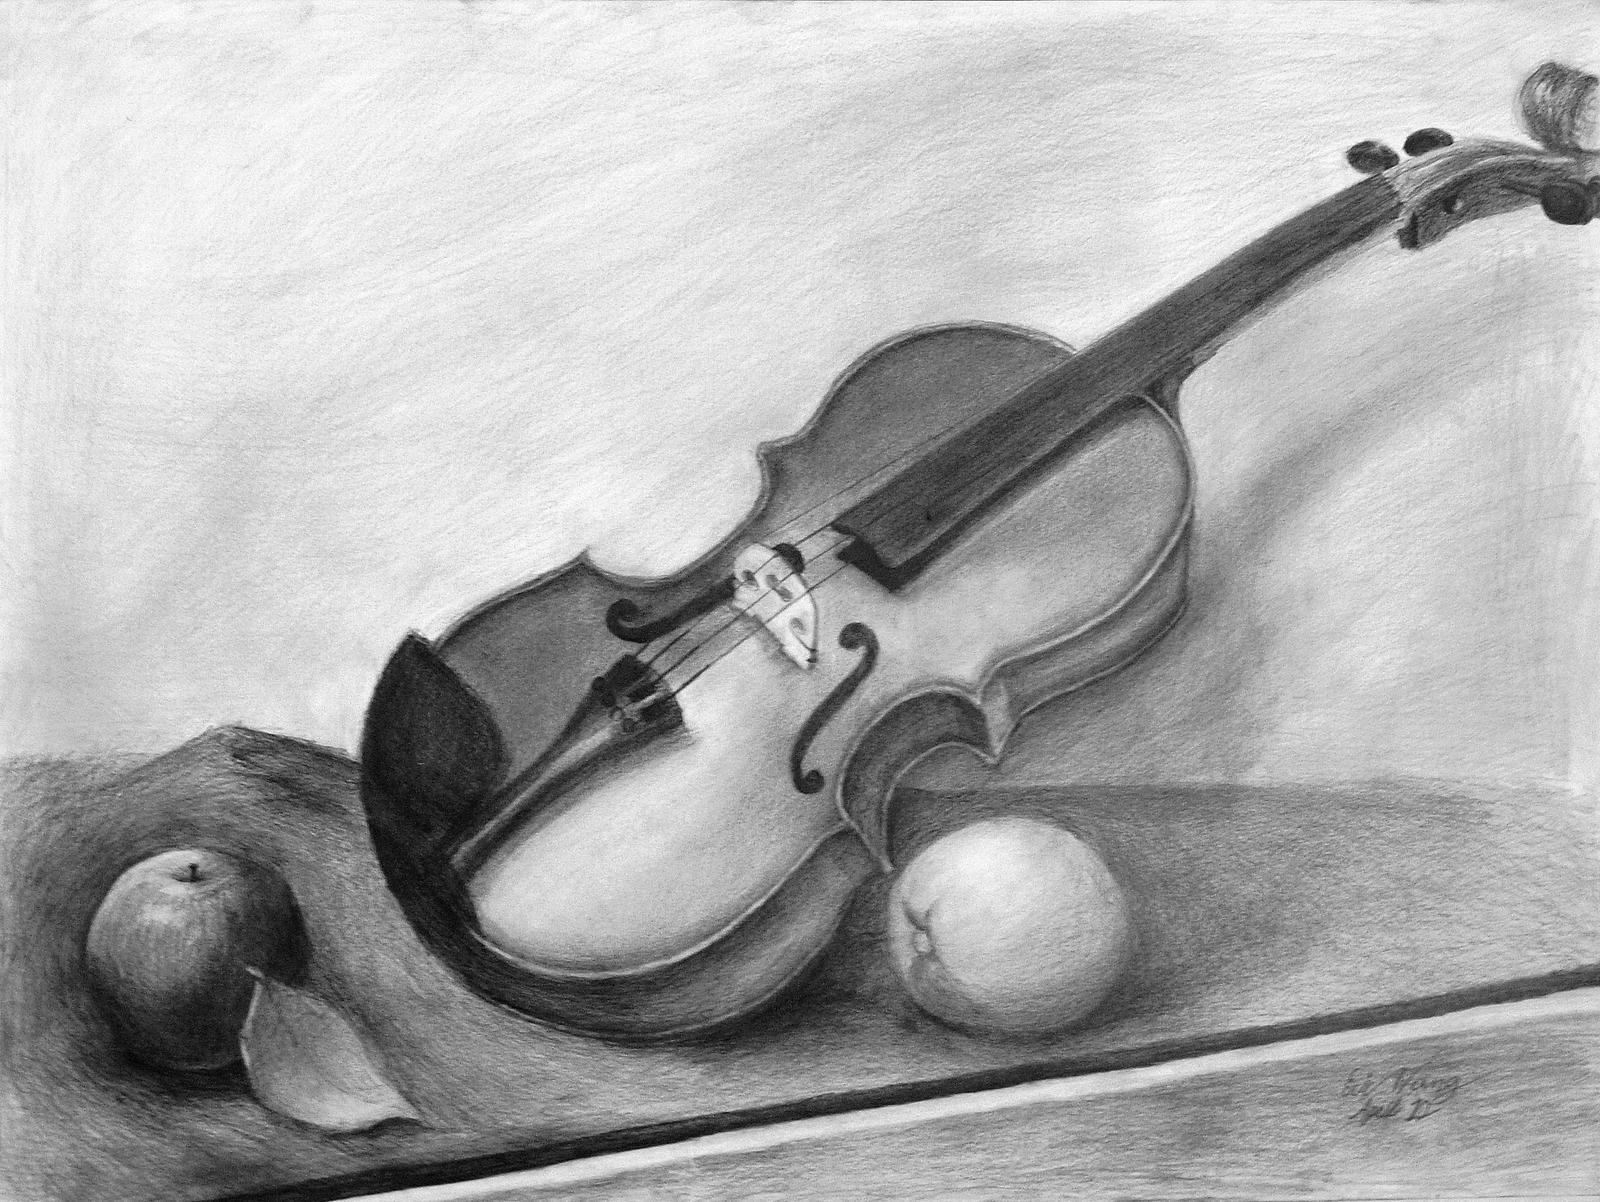 Violin Still Life Drawing by Rrgrg on DeviantArt